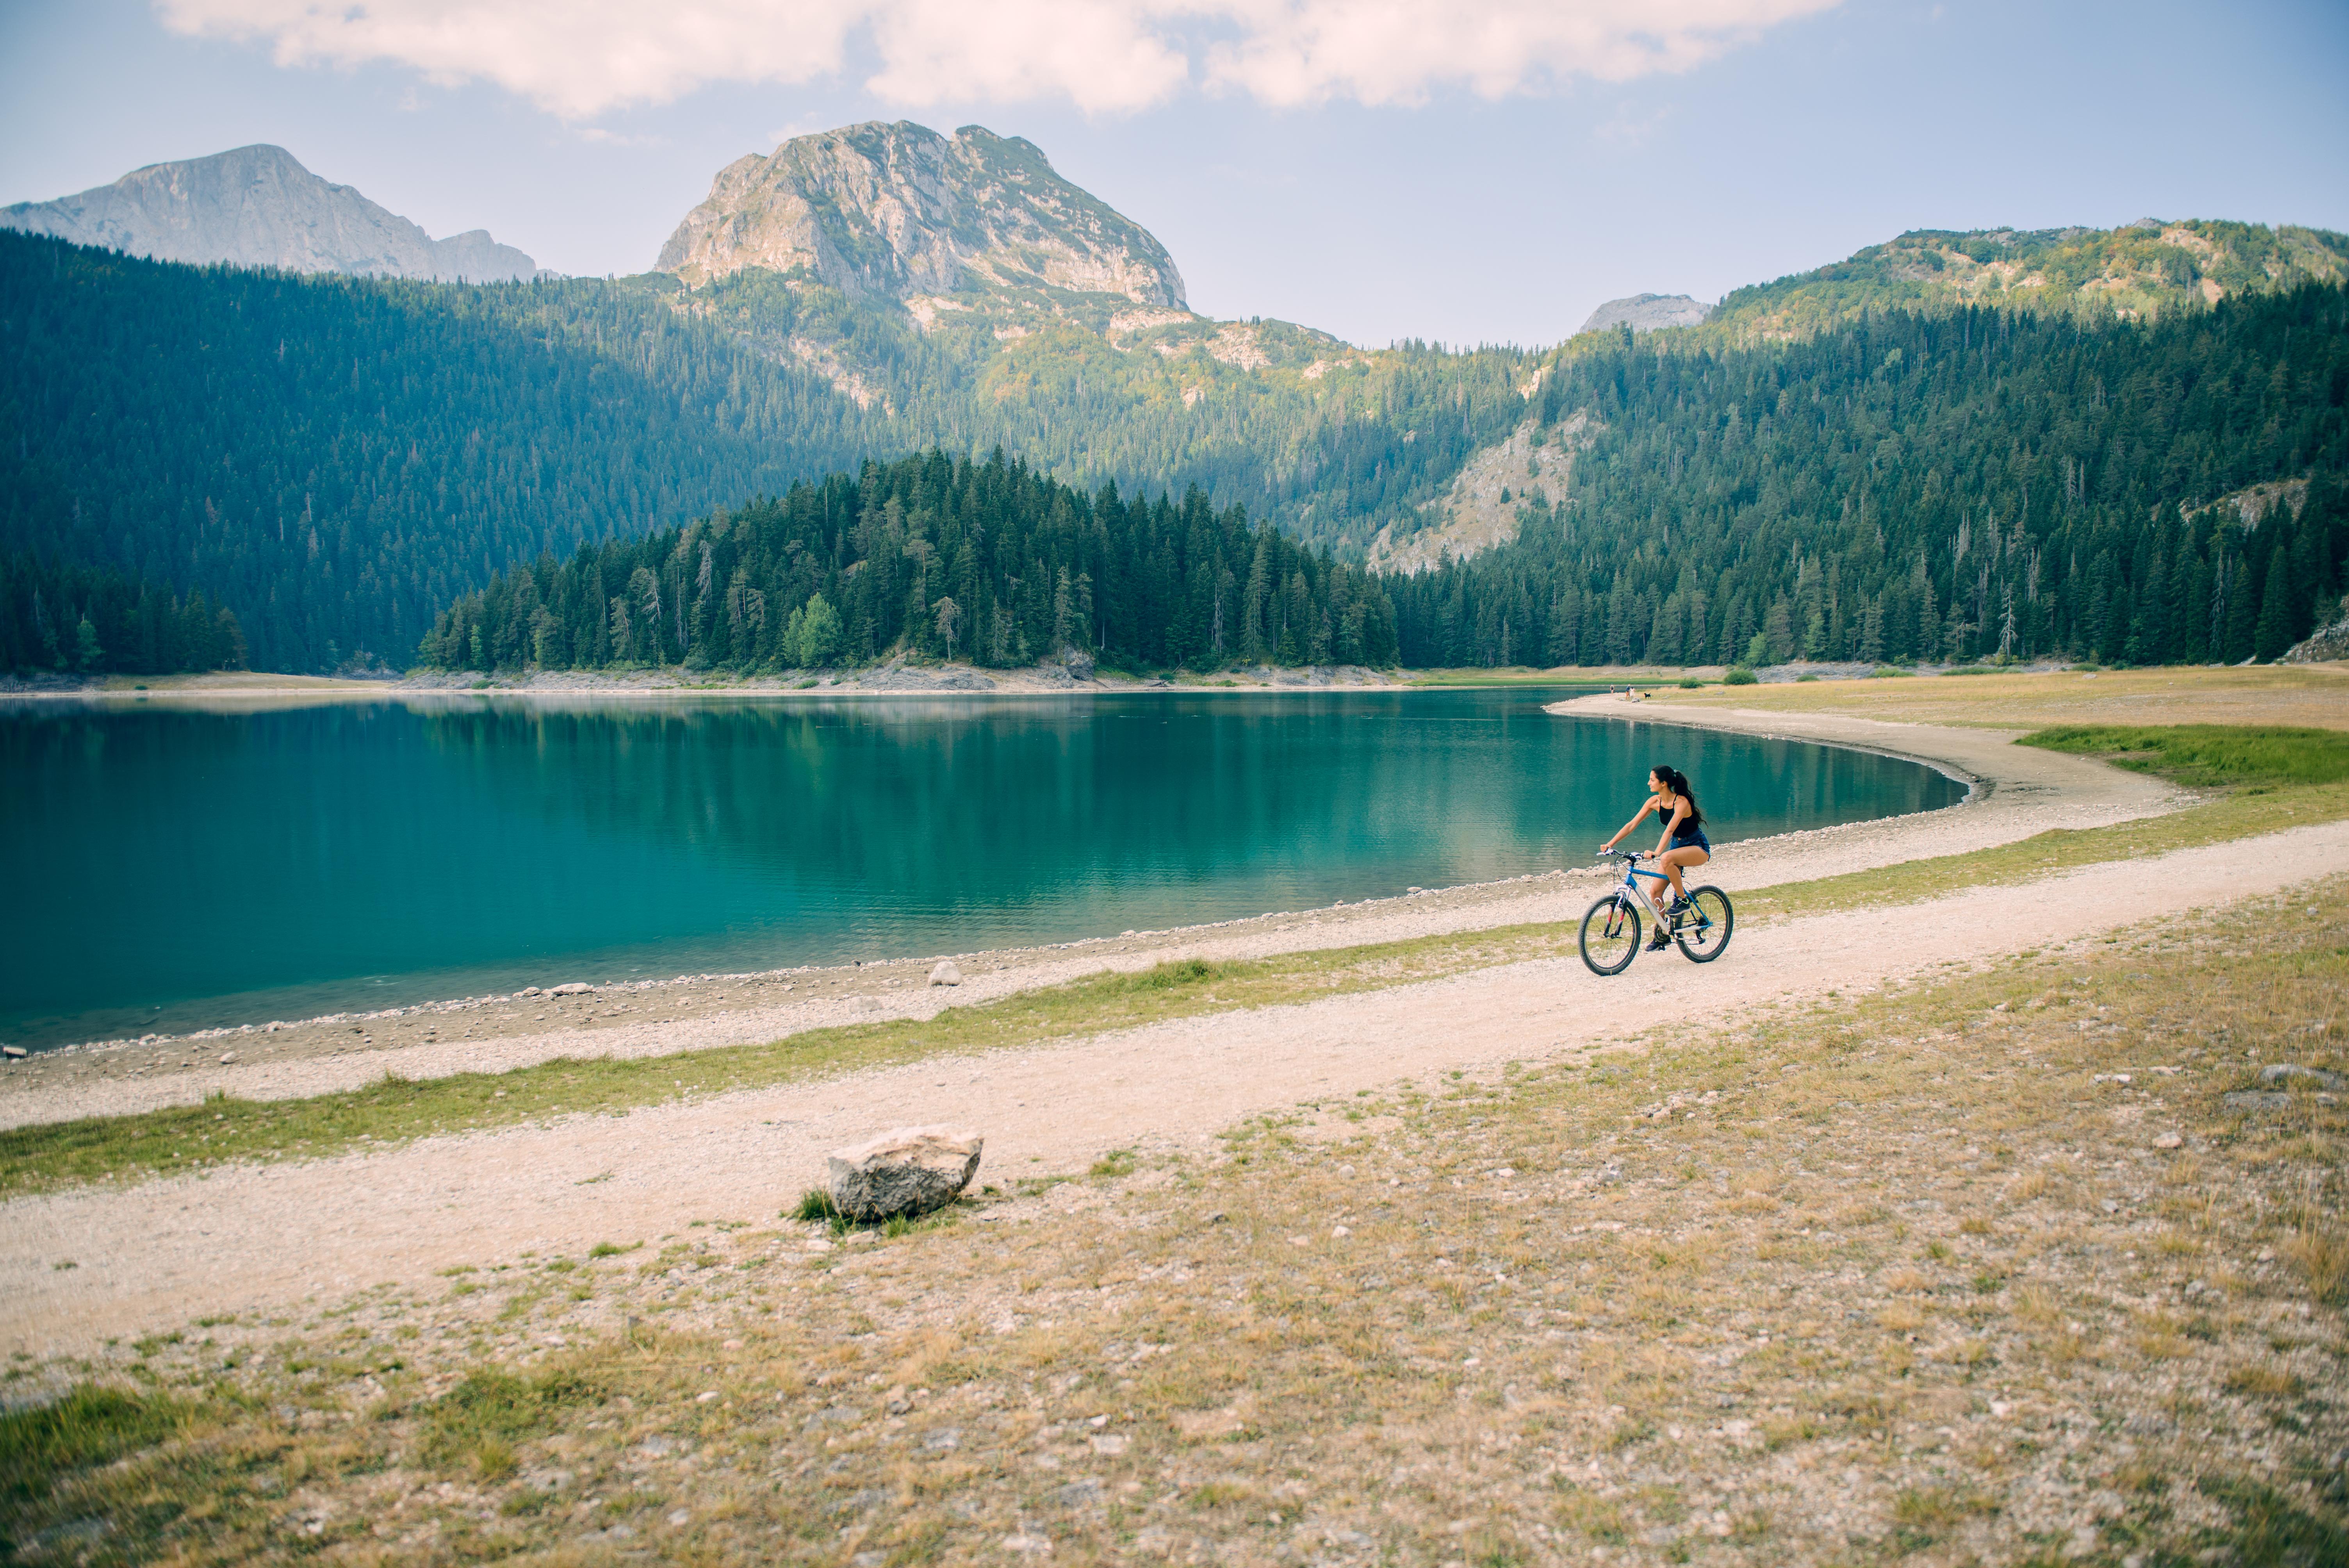 Woman riding a bike by the lake.